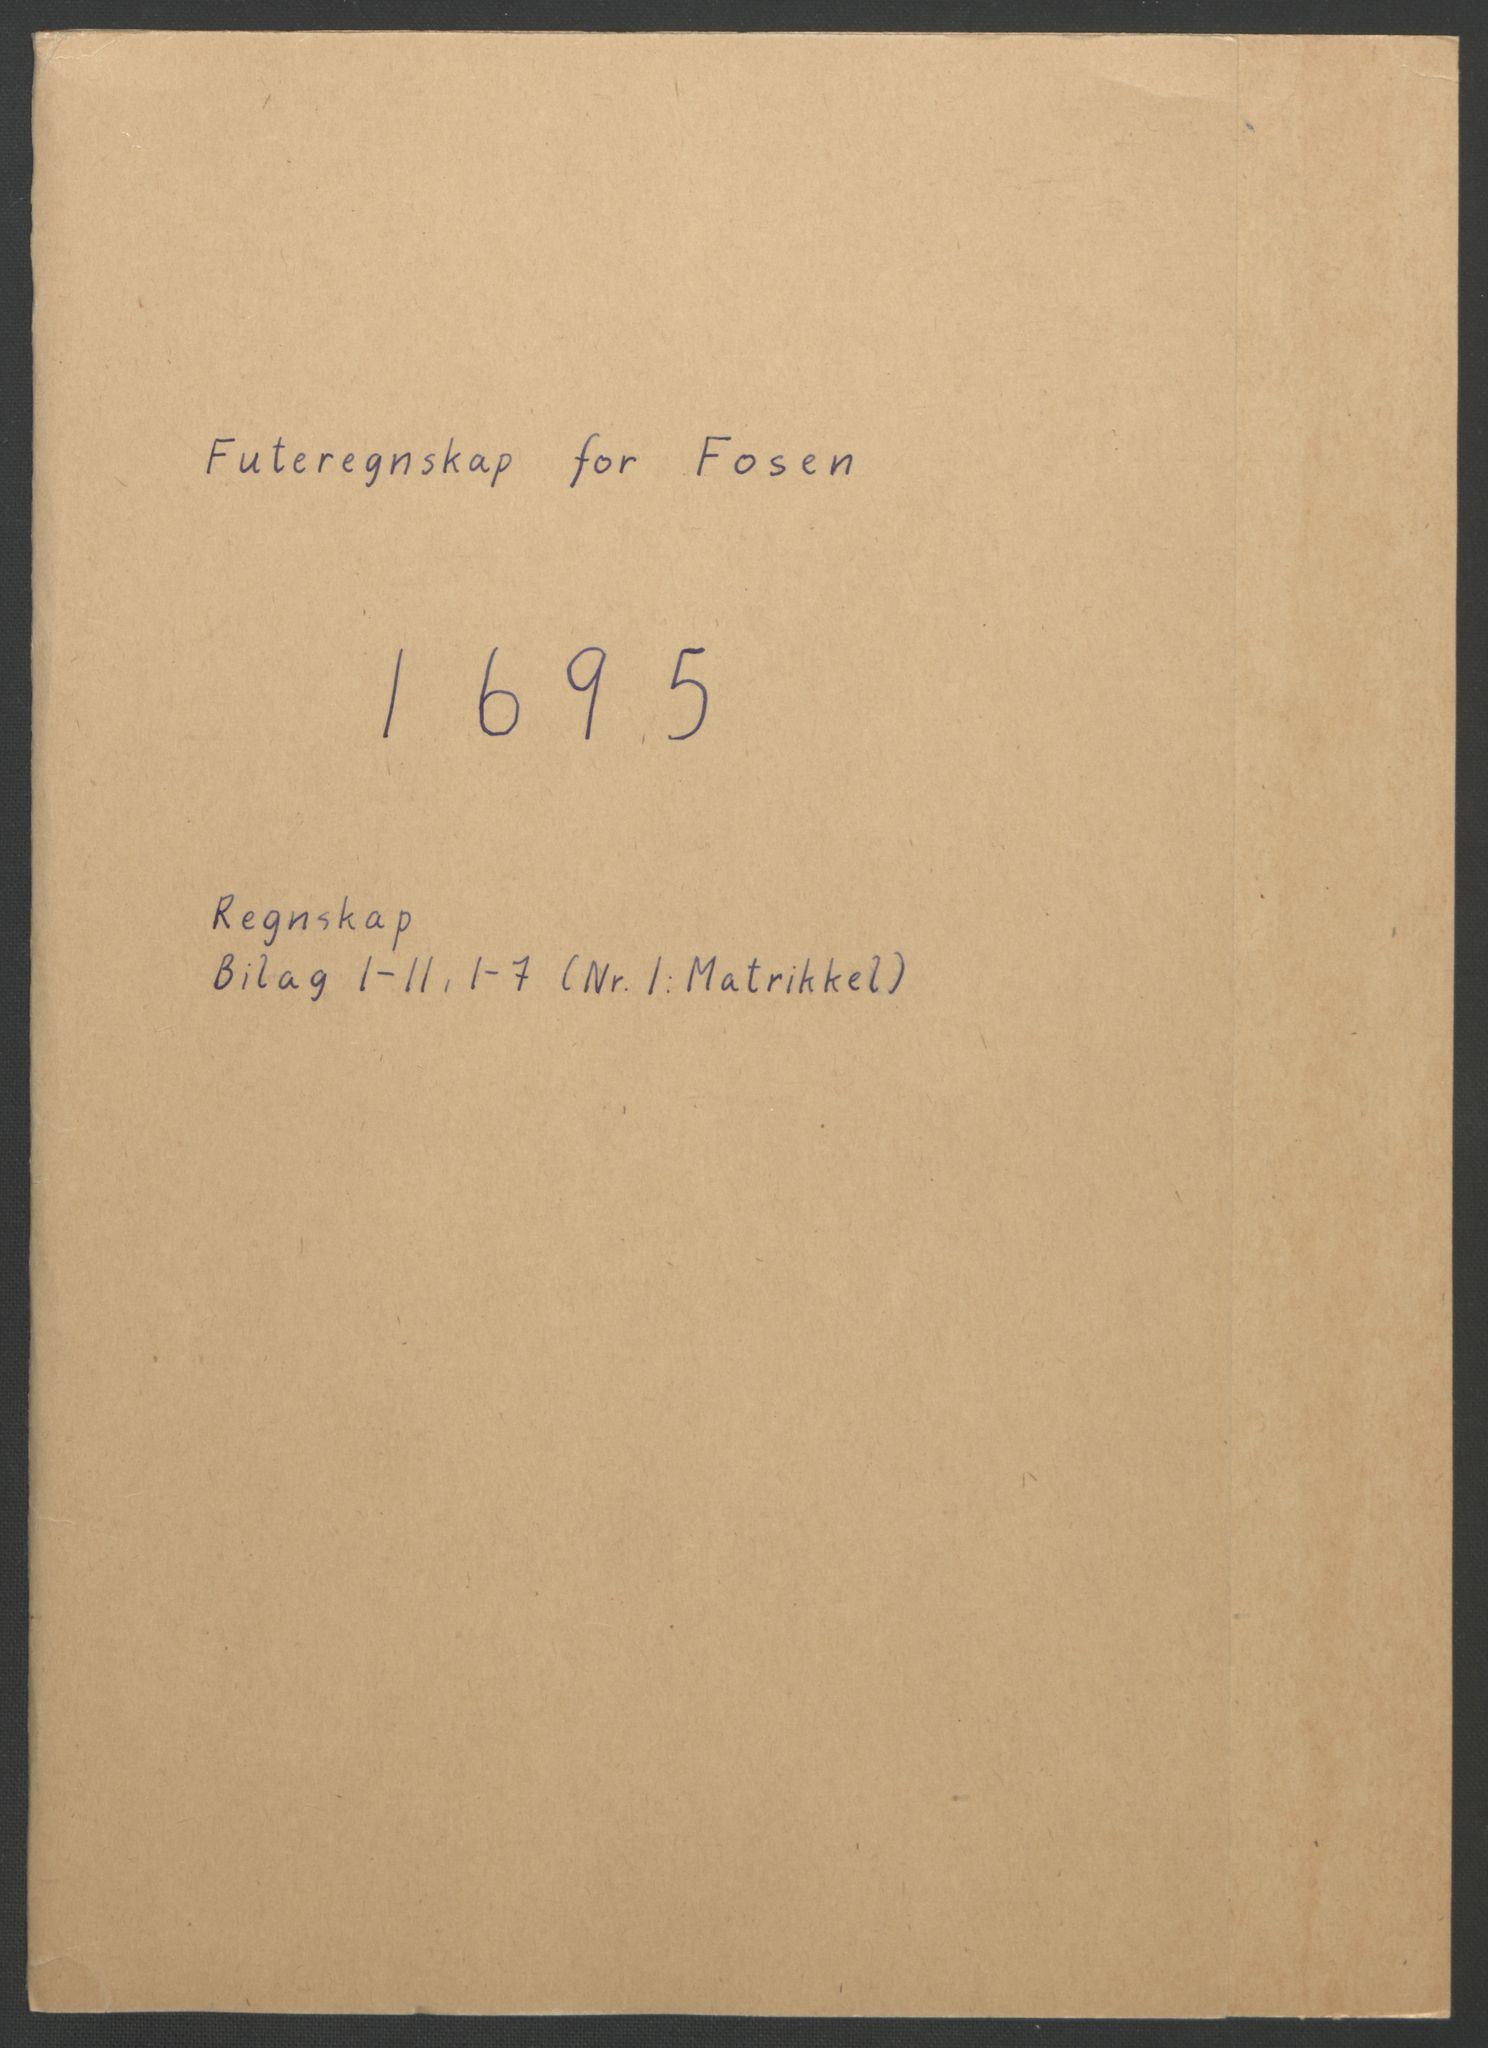 RA, Rentekammeret inntil 1814, Reviderte regnskaper, Fogderegnskap, R57/L3851: Fogderegnskap Fosen, 1695-1696, s. 1